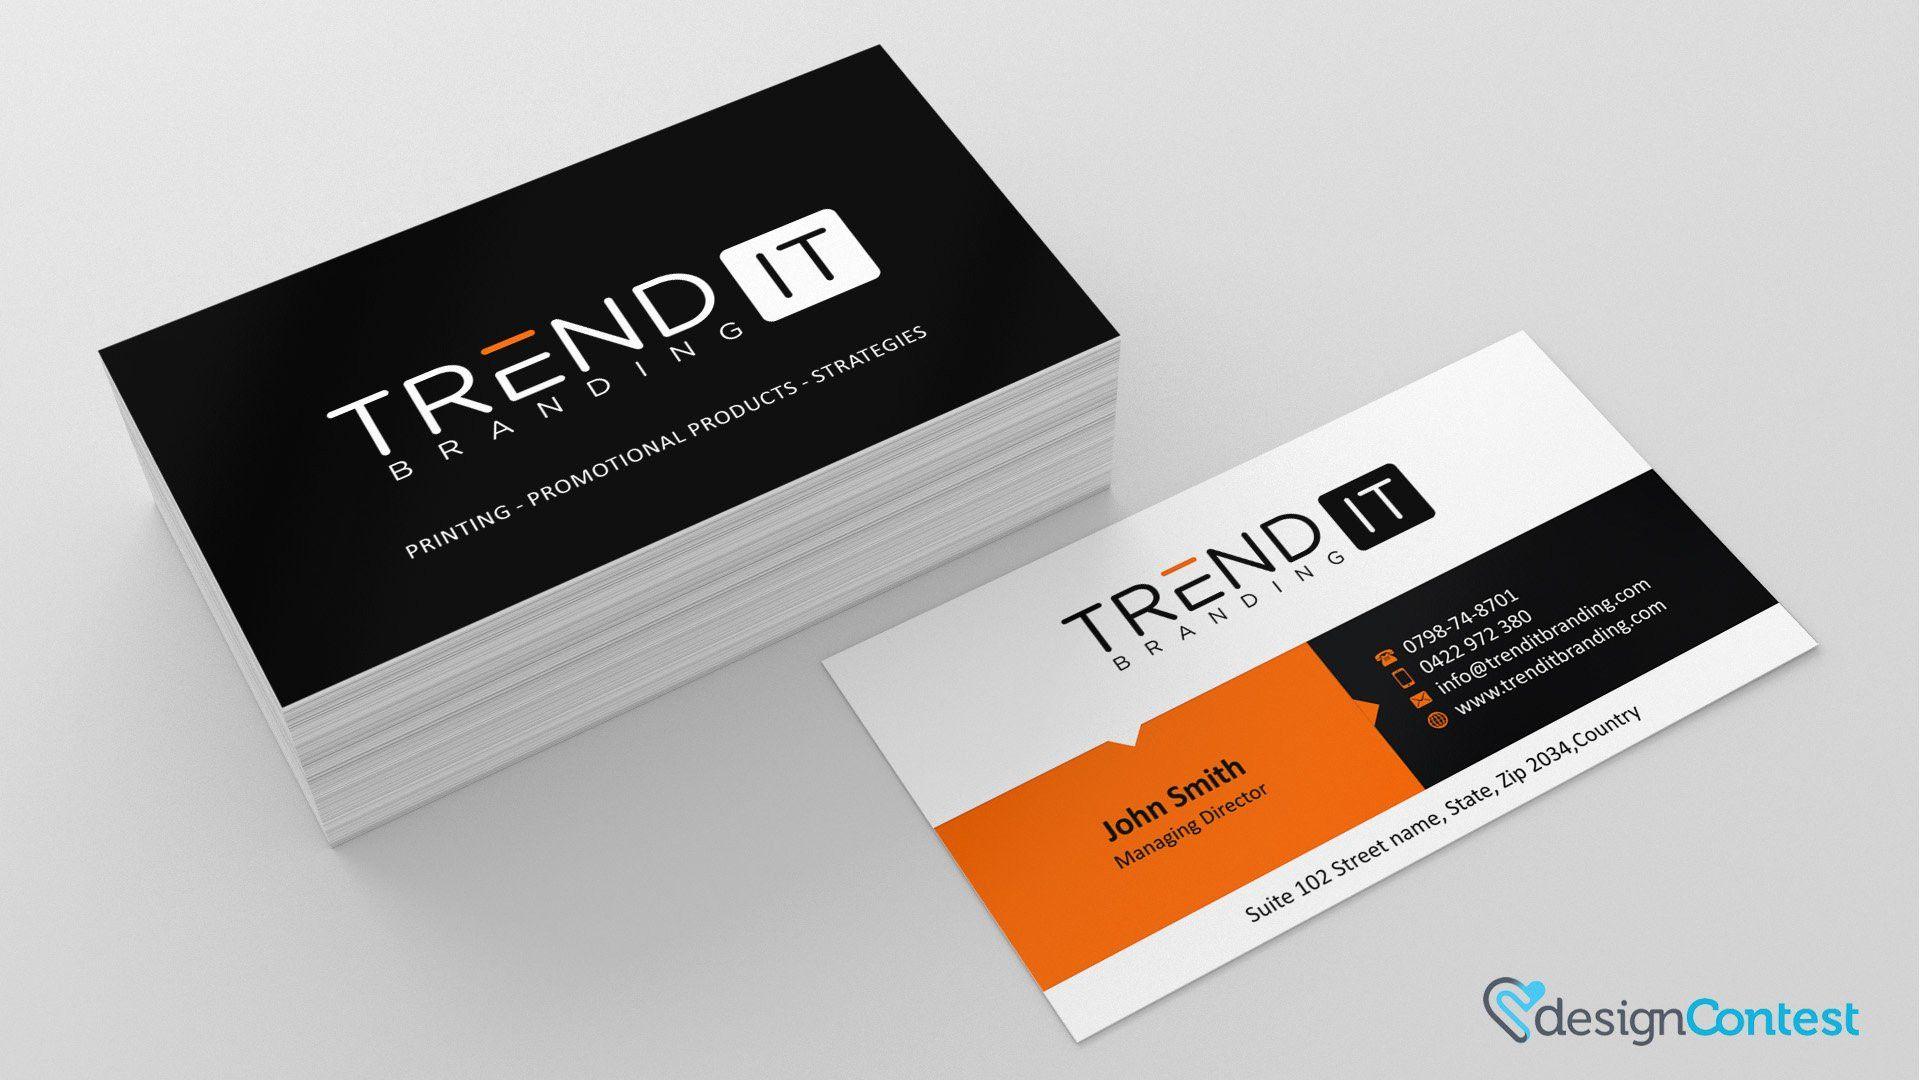 Sample Online Business Card Maker Free Printable - Online Business Card Maker Free Printable